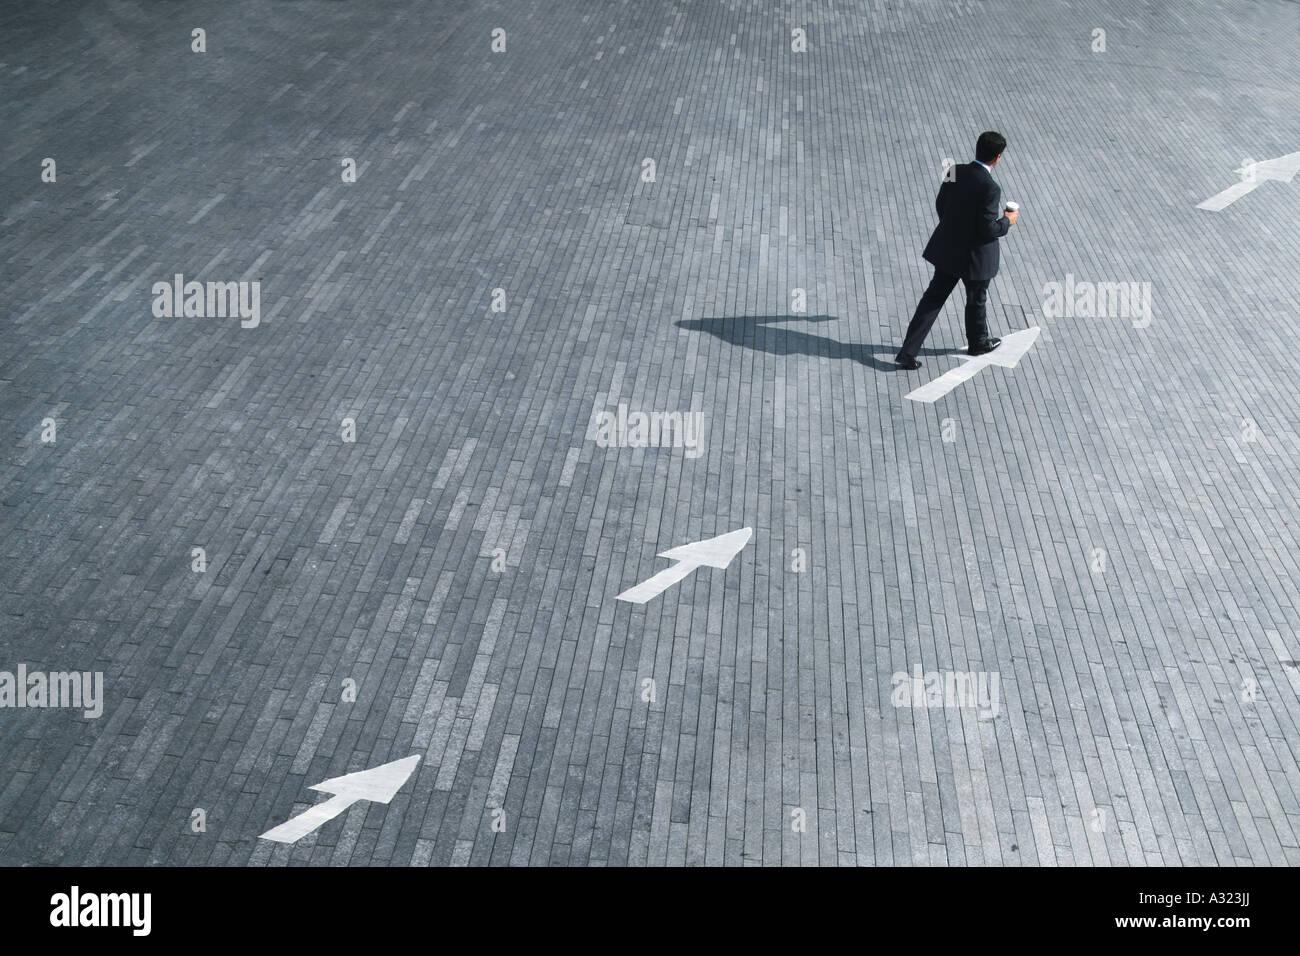 Business-Konzept eines Mannes nach der Richtung der Pfeile Stockfoto